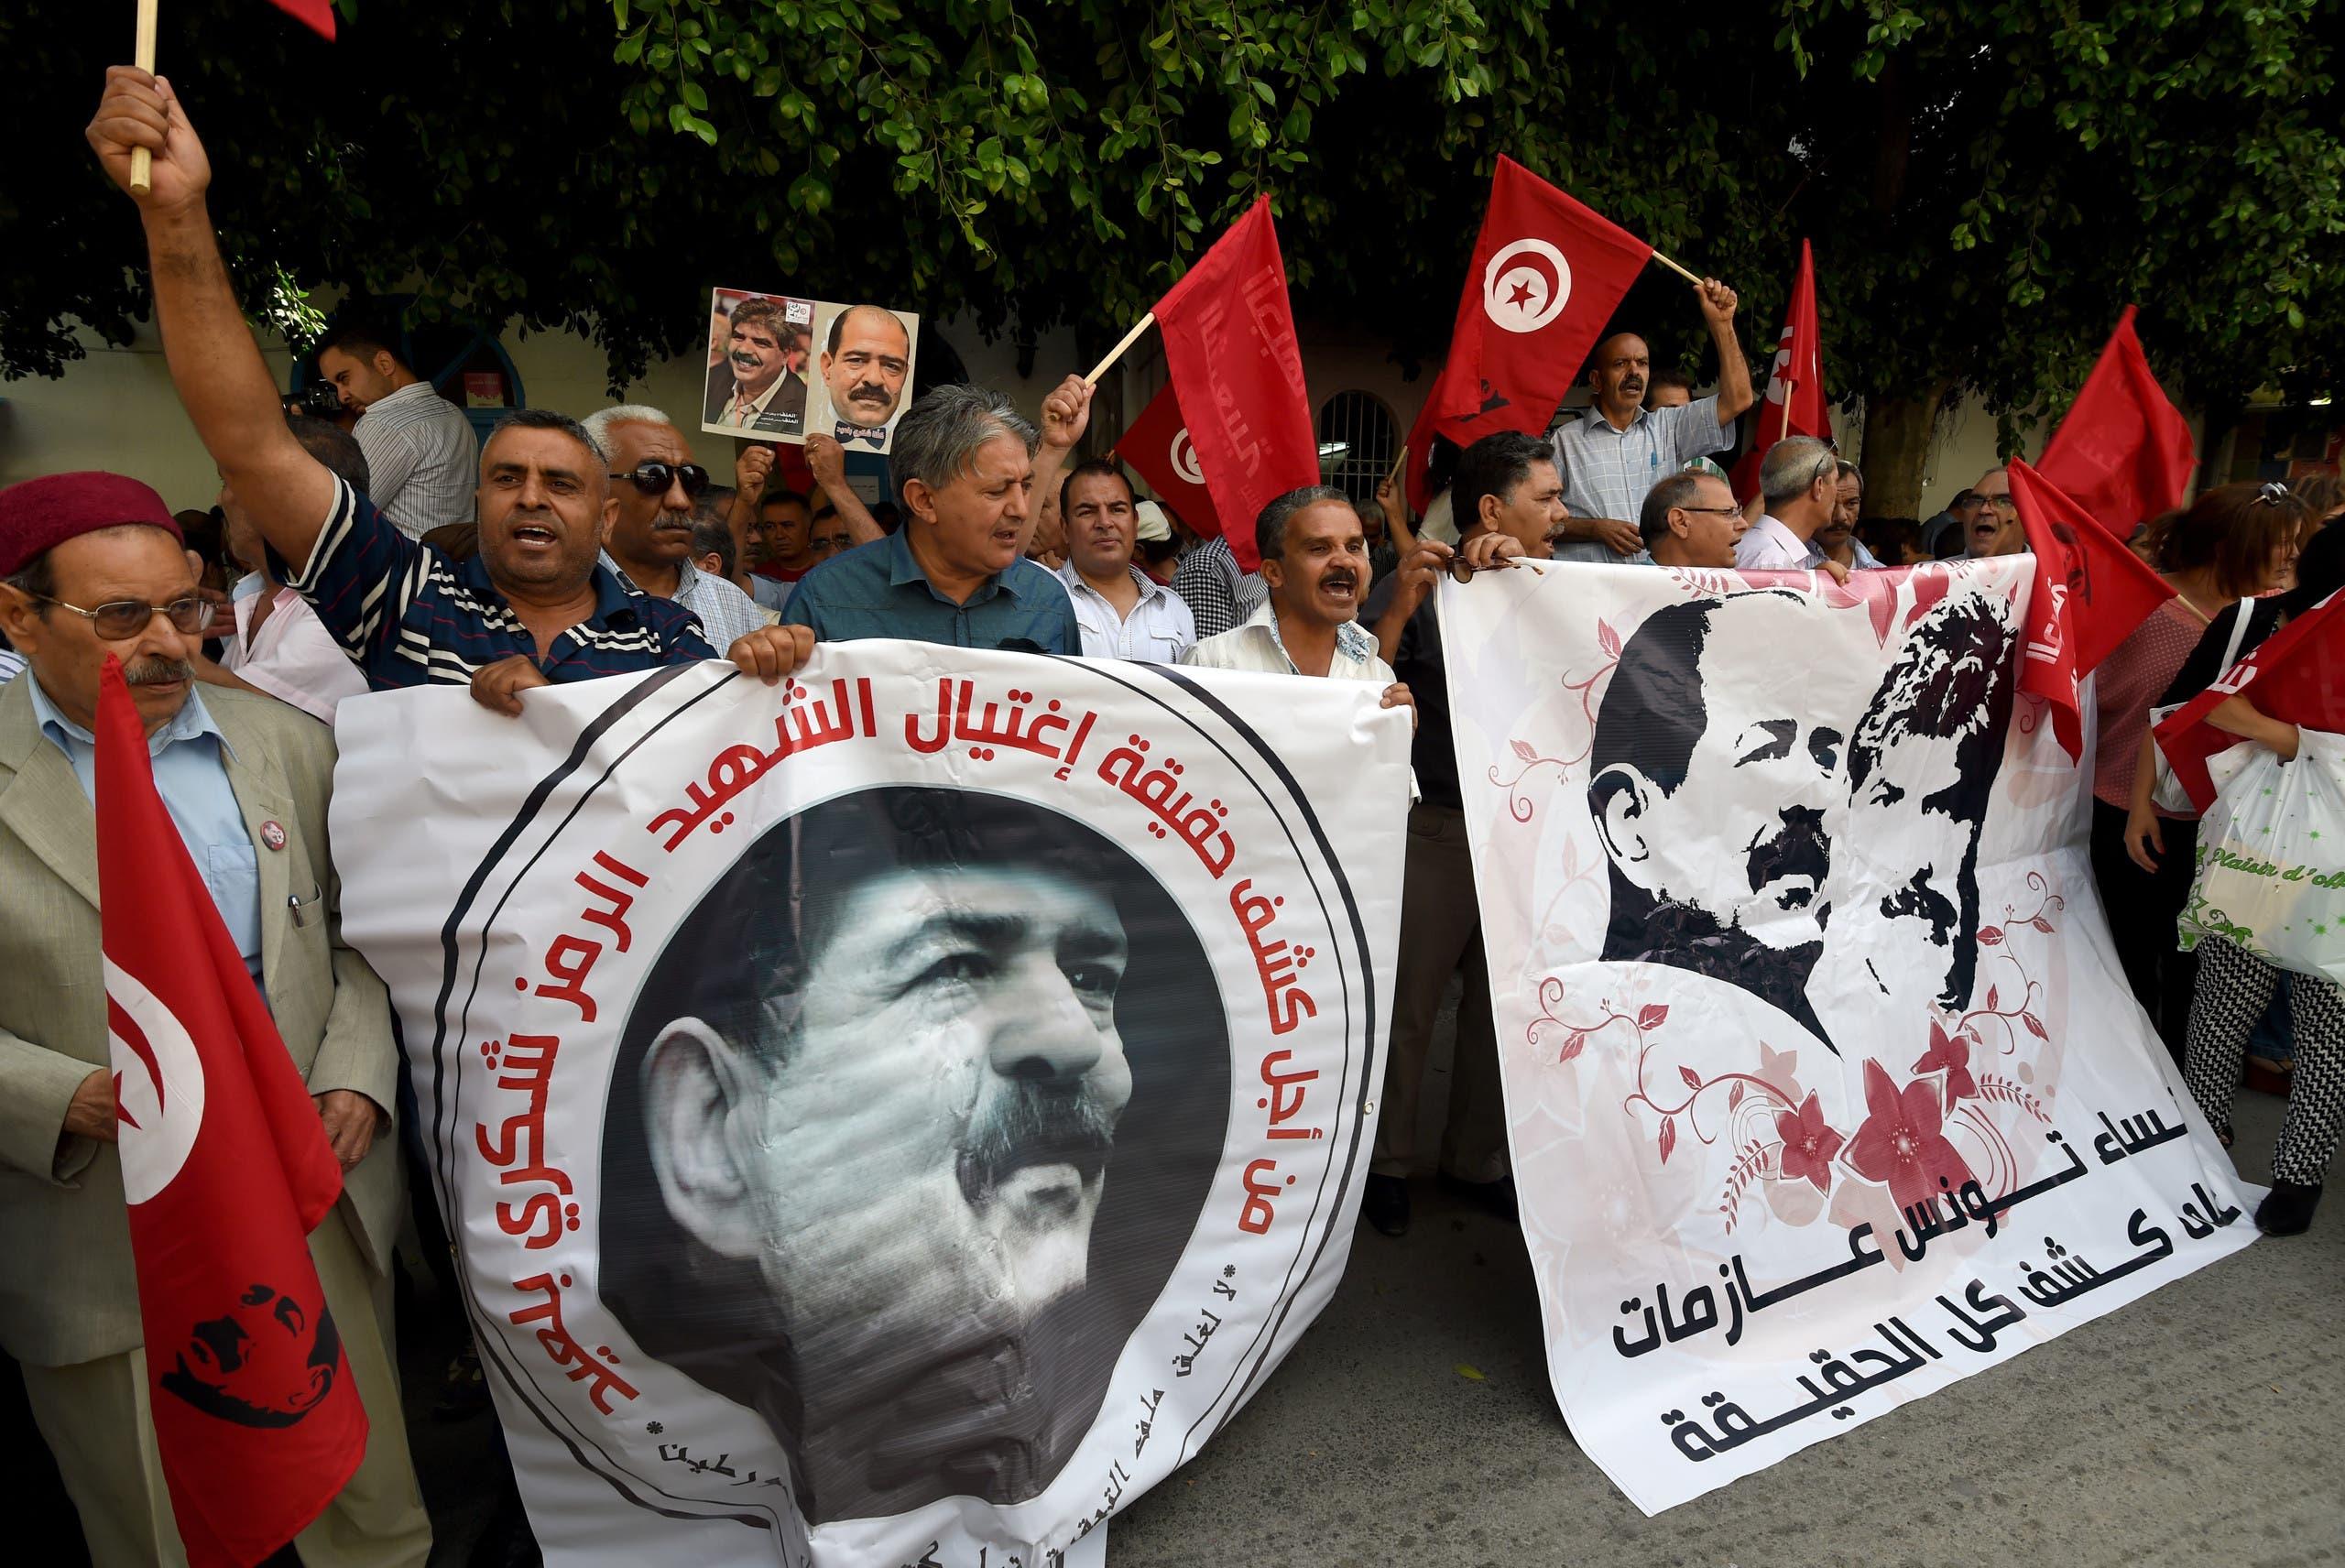 مظاهرات للمطالبة بكشف قتلة شكري بلعيد والبراهيمي في تونس (أرشيفية فرانس برس)